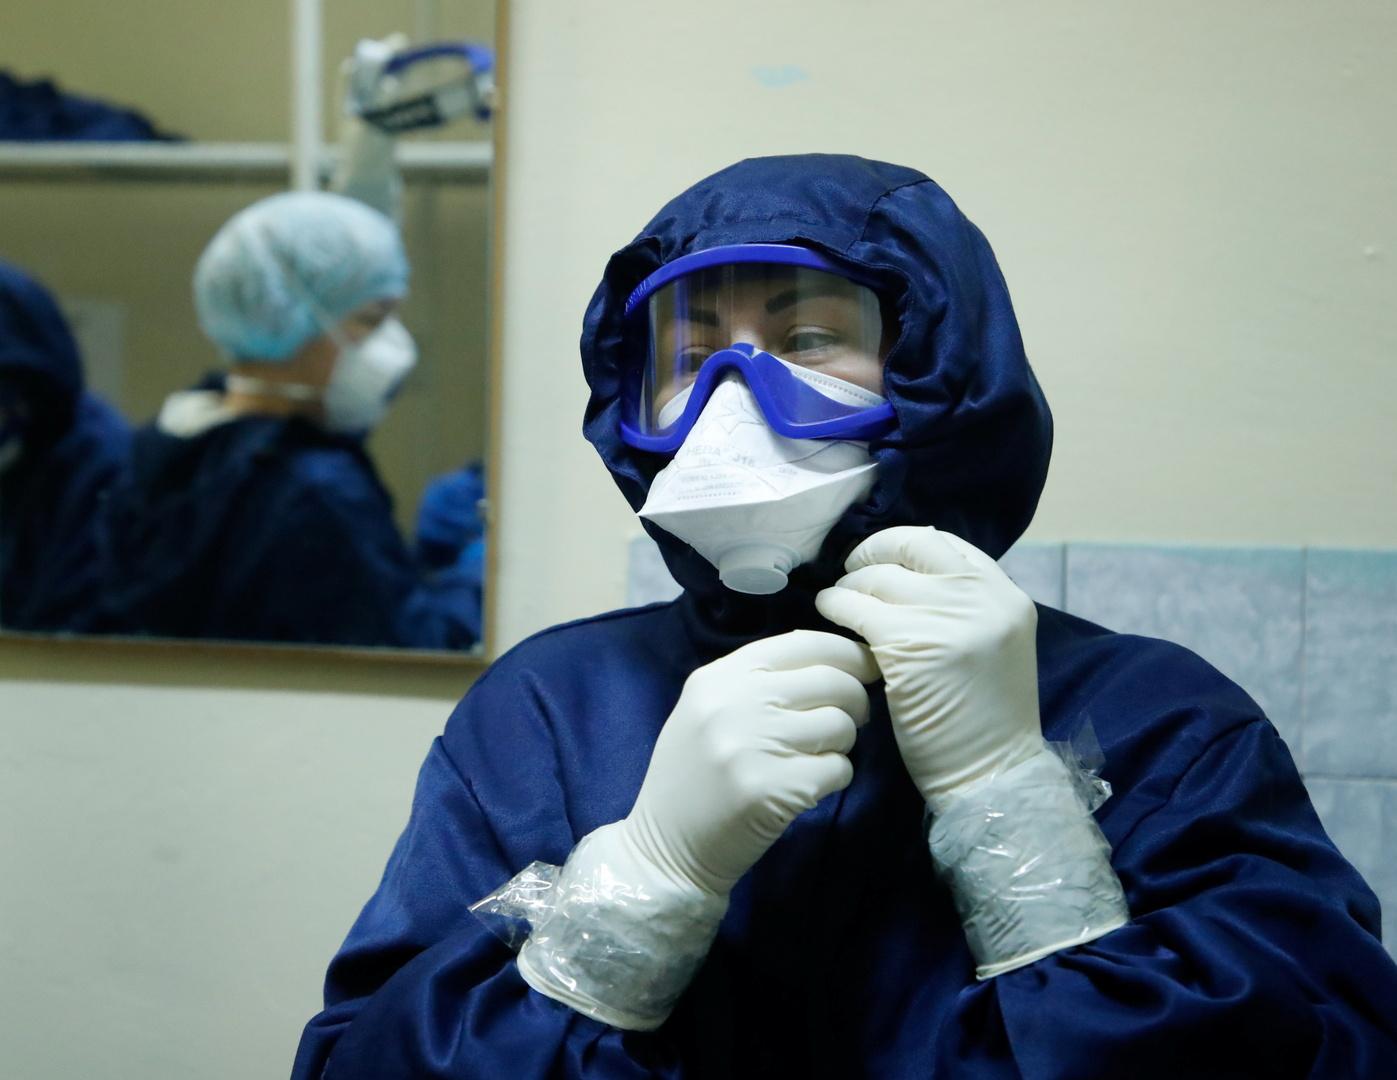 روسيا.. الإصابات اليومية بكورونا فوق الـ17 ألفا مجددا والوفيات تلامس الـ550